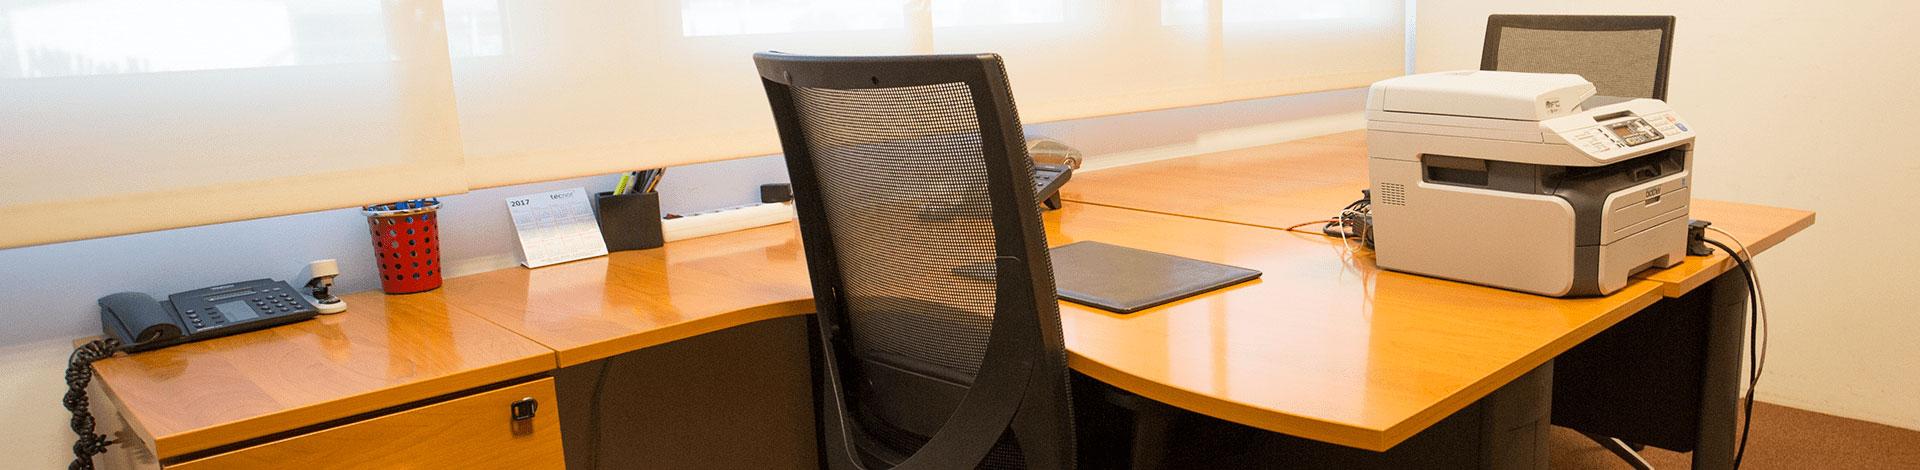 Alquiler de despachos con amplio acondicionamiento